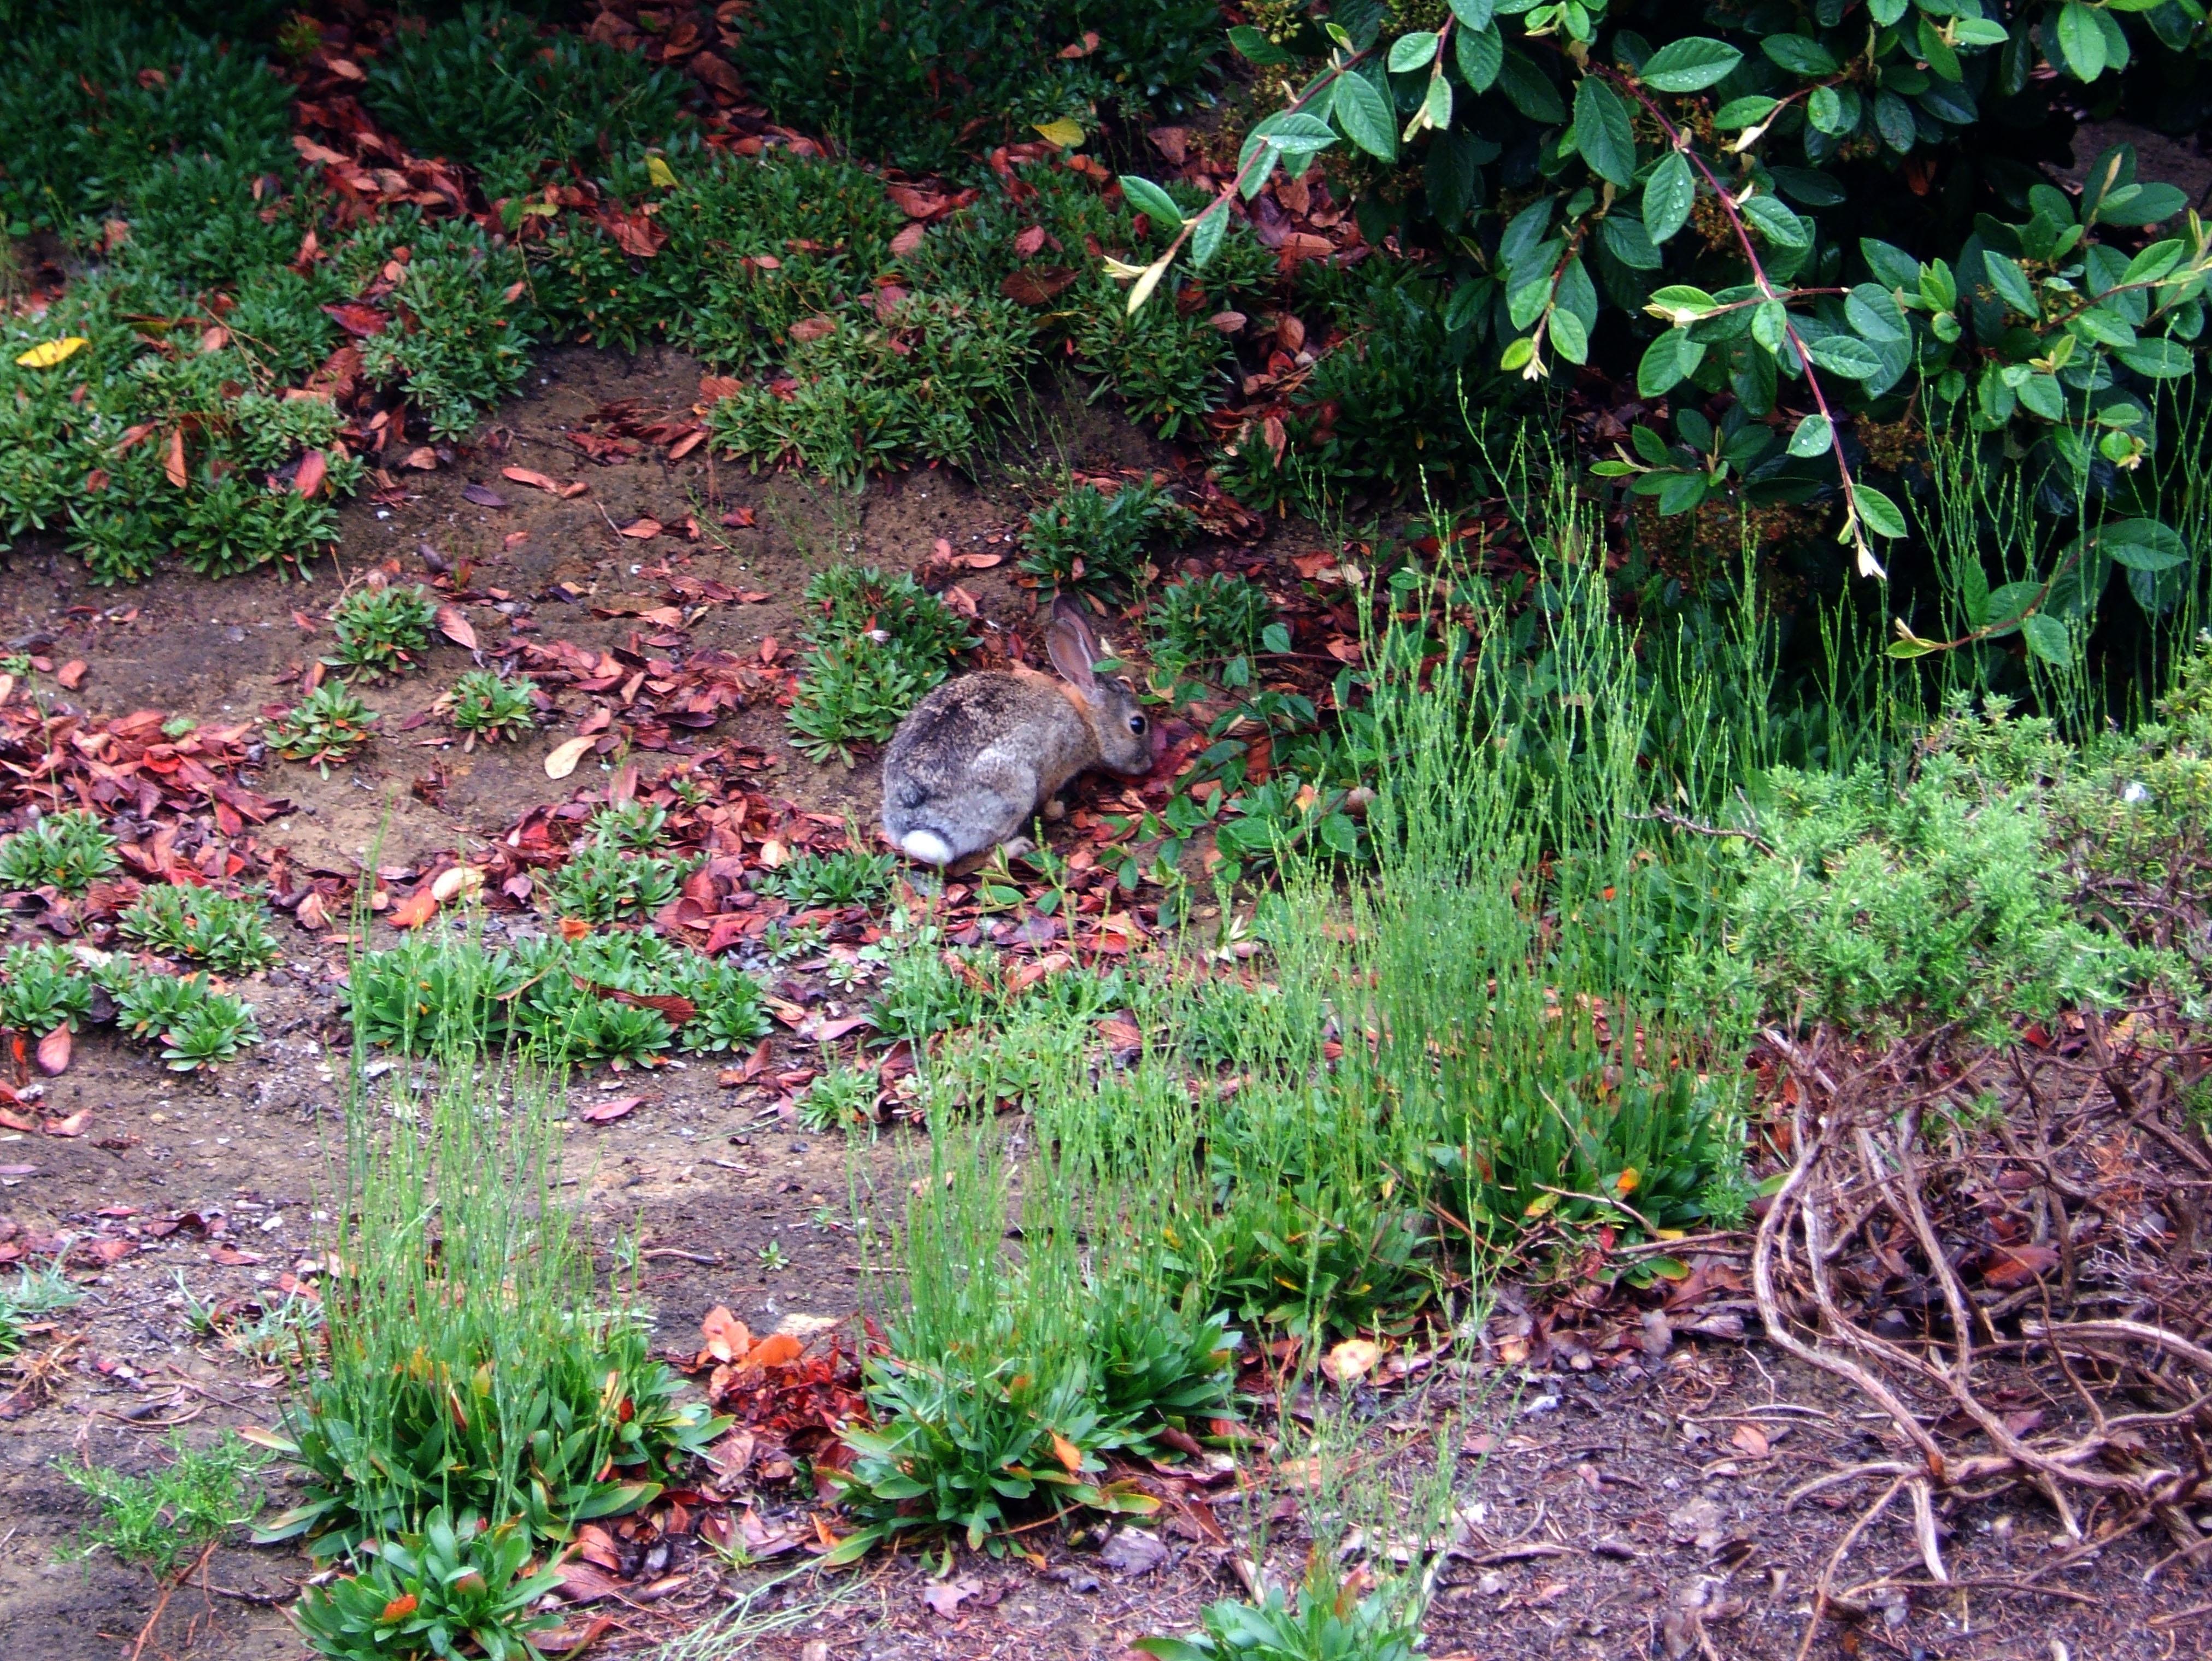 Rabbit Chino Hills California 01